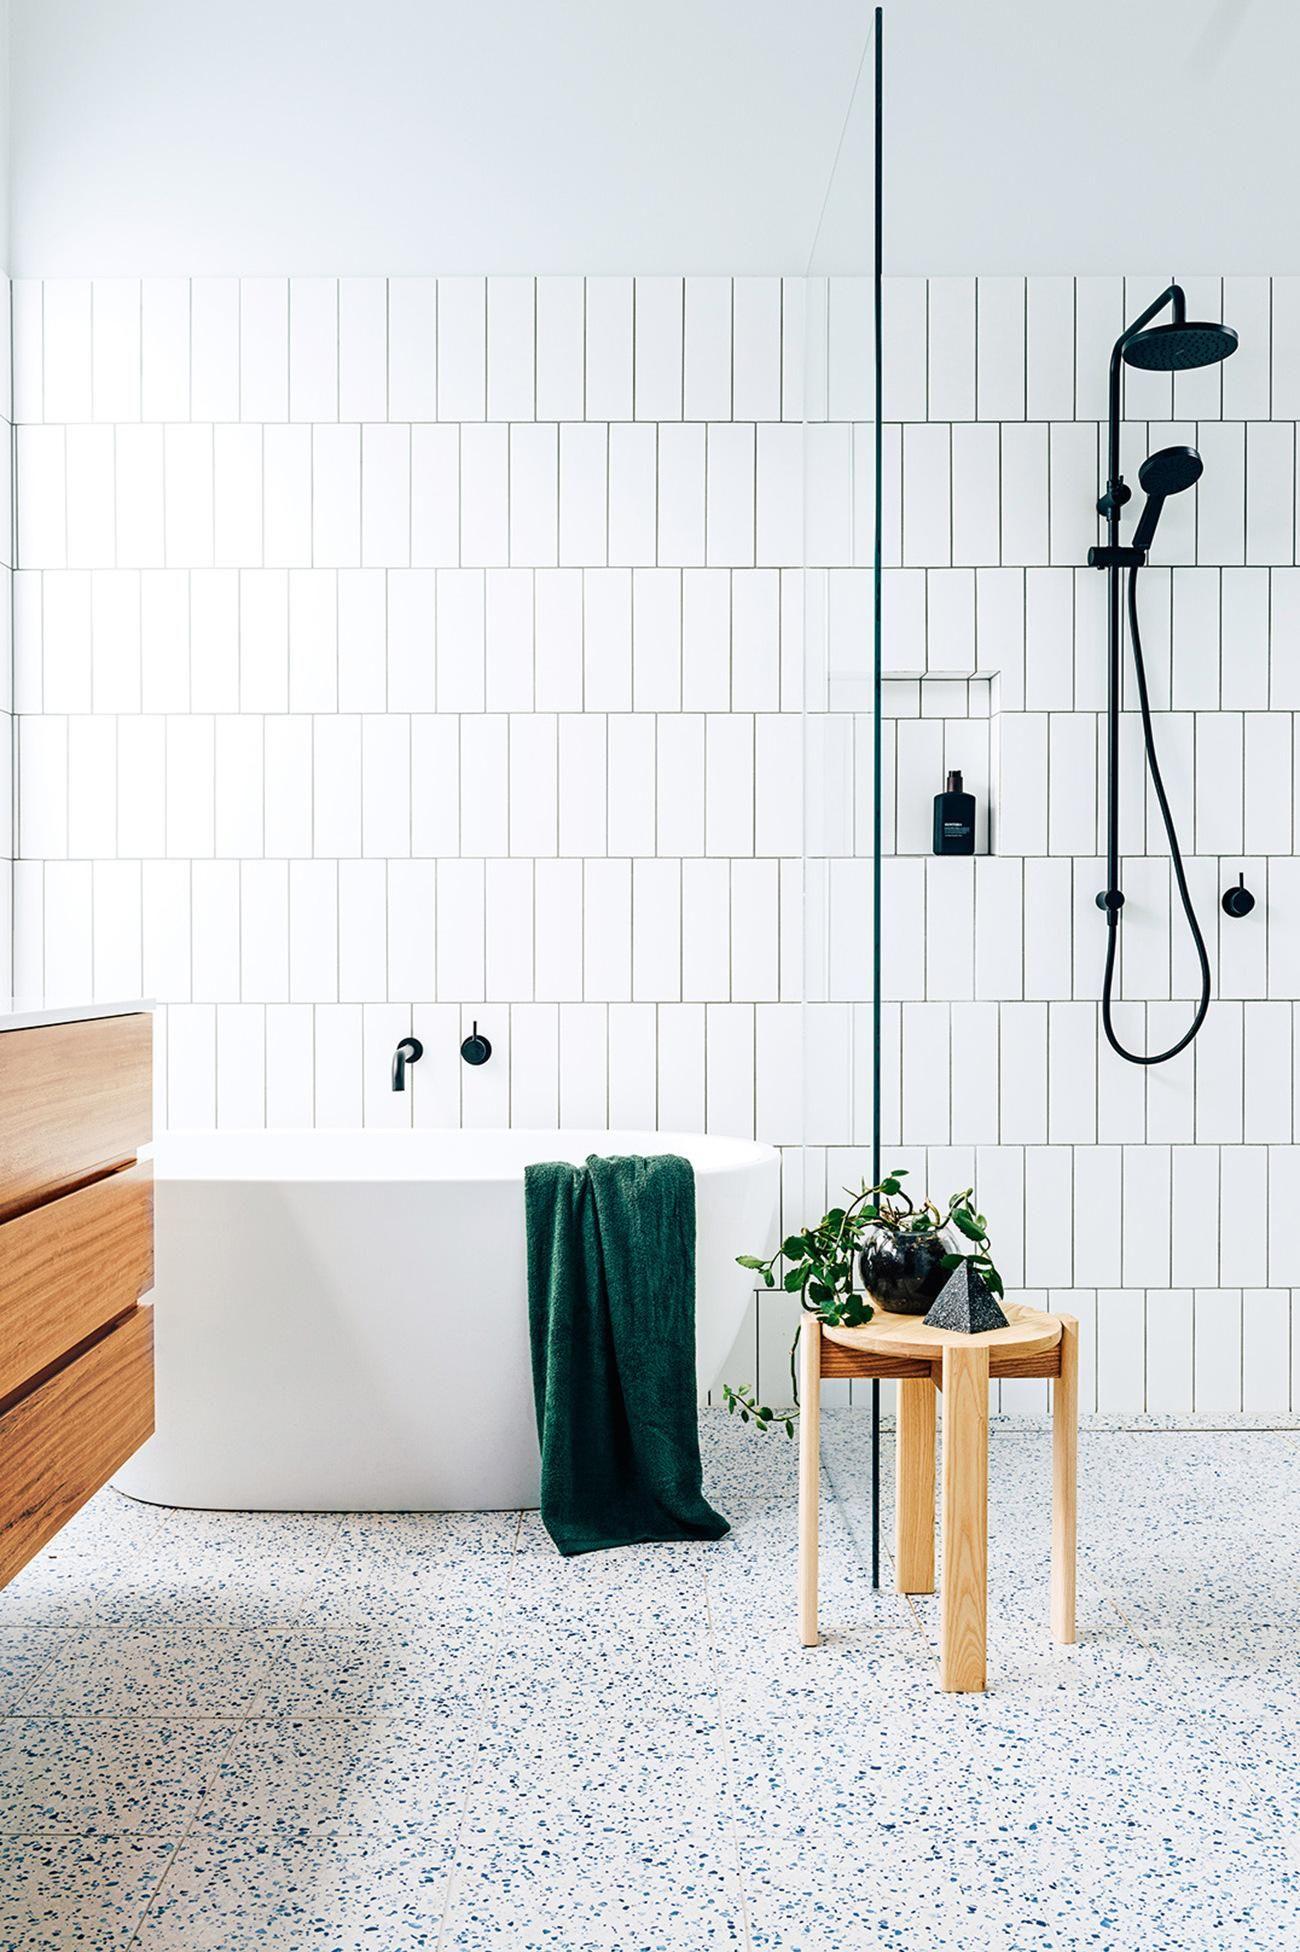 Uberlegen Vertikale Subwaytiles/ Metrofliesen Weiß Schwarz Badezimmer Freistehende  Badewanne Dusche Ebenerdig Glas Schwarze Armatur Minimalistisch Modern